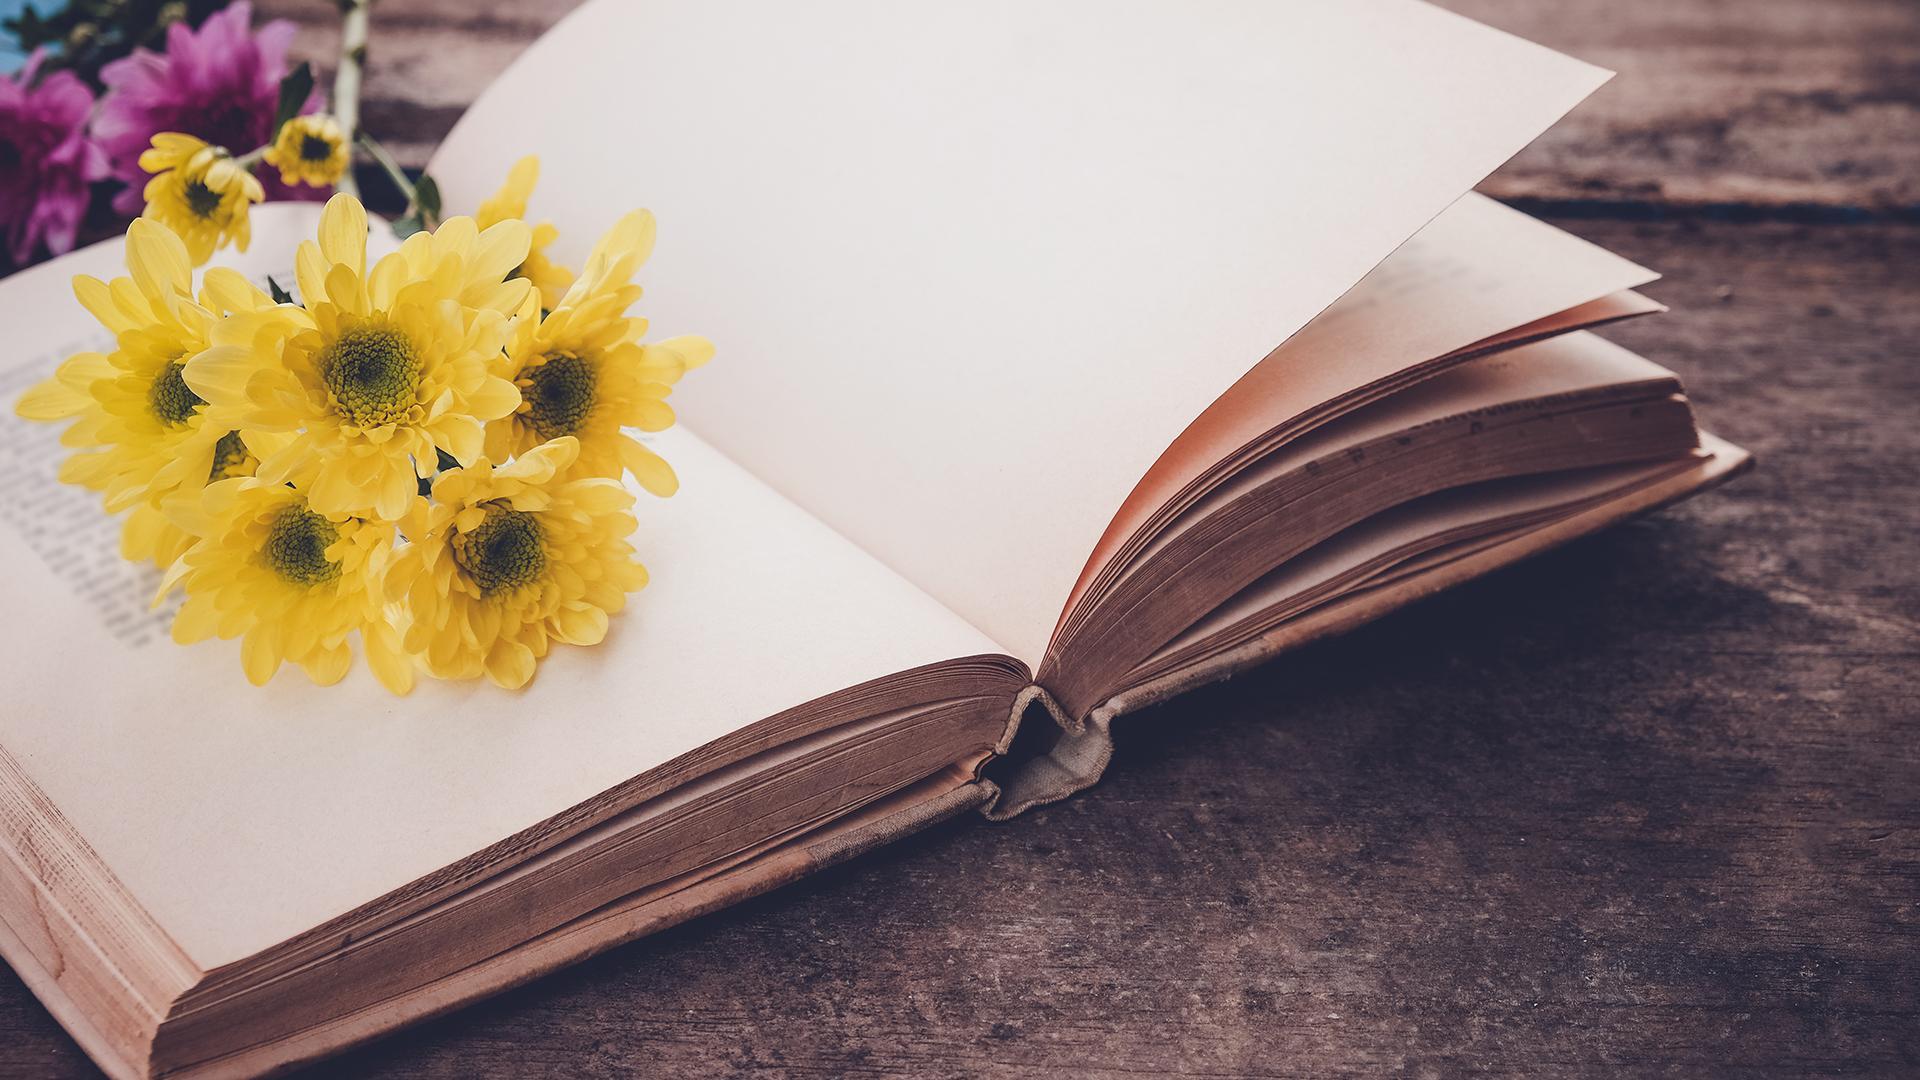 Biblioteca Central Xavier Amorós: Club de lectura de poesia